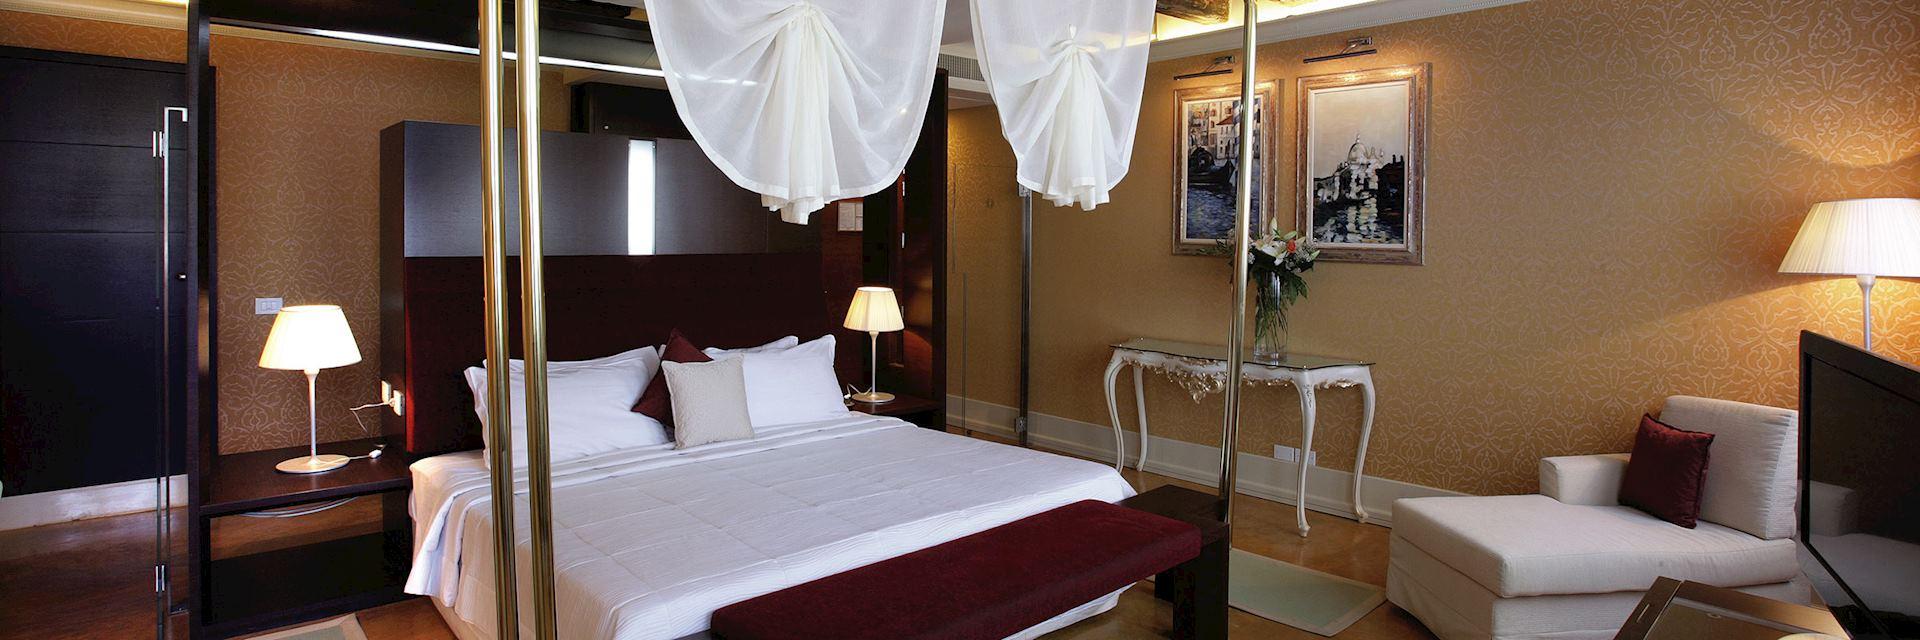 Hotel Giovanelli, Venice